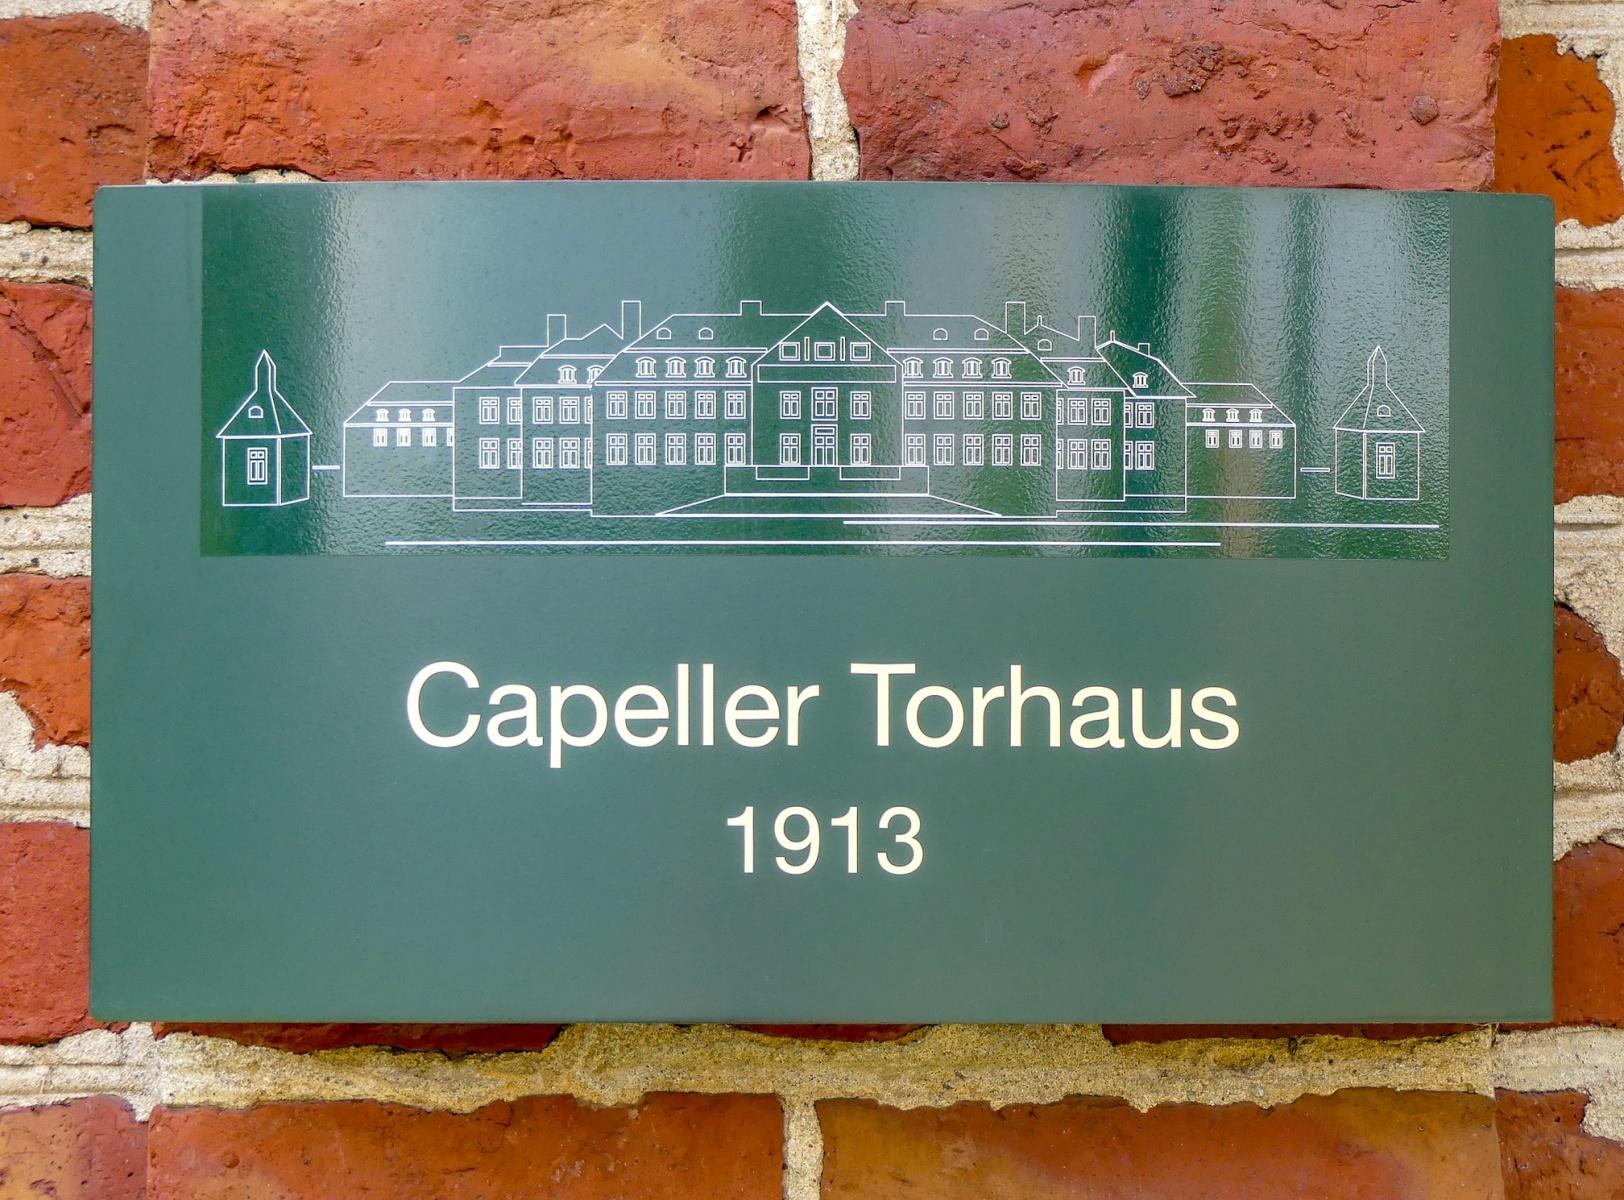 Capeller Torhaus